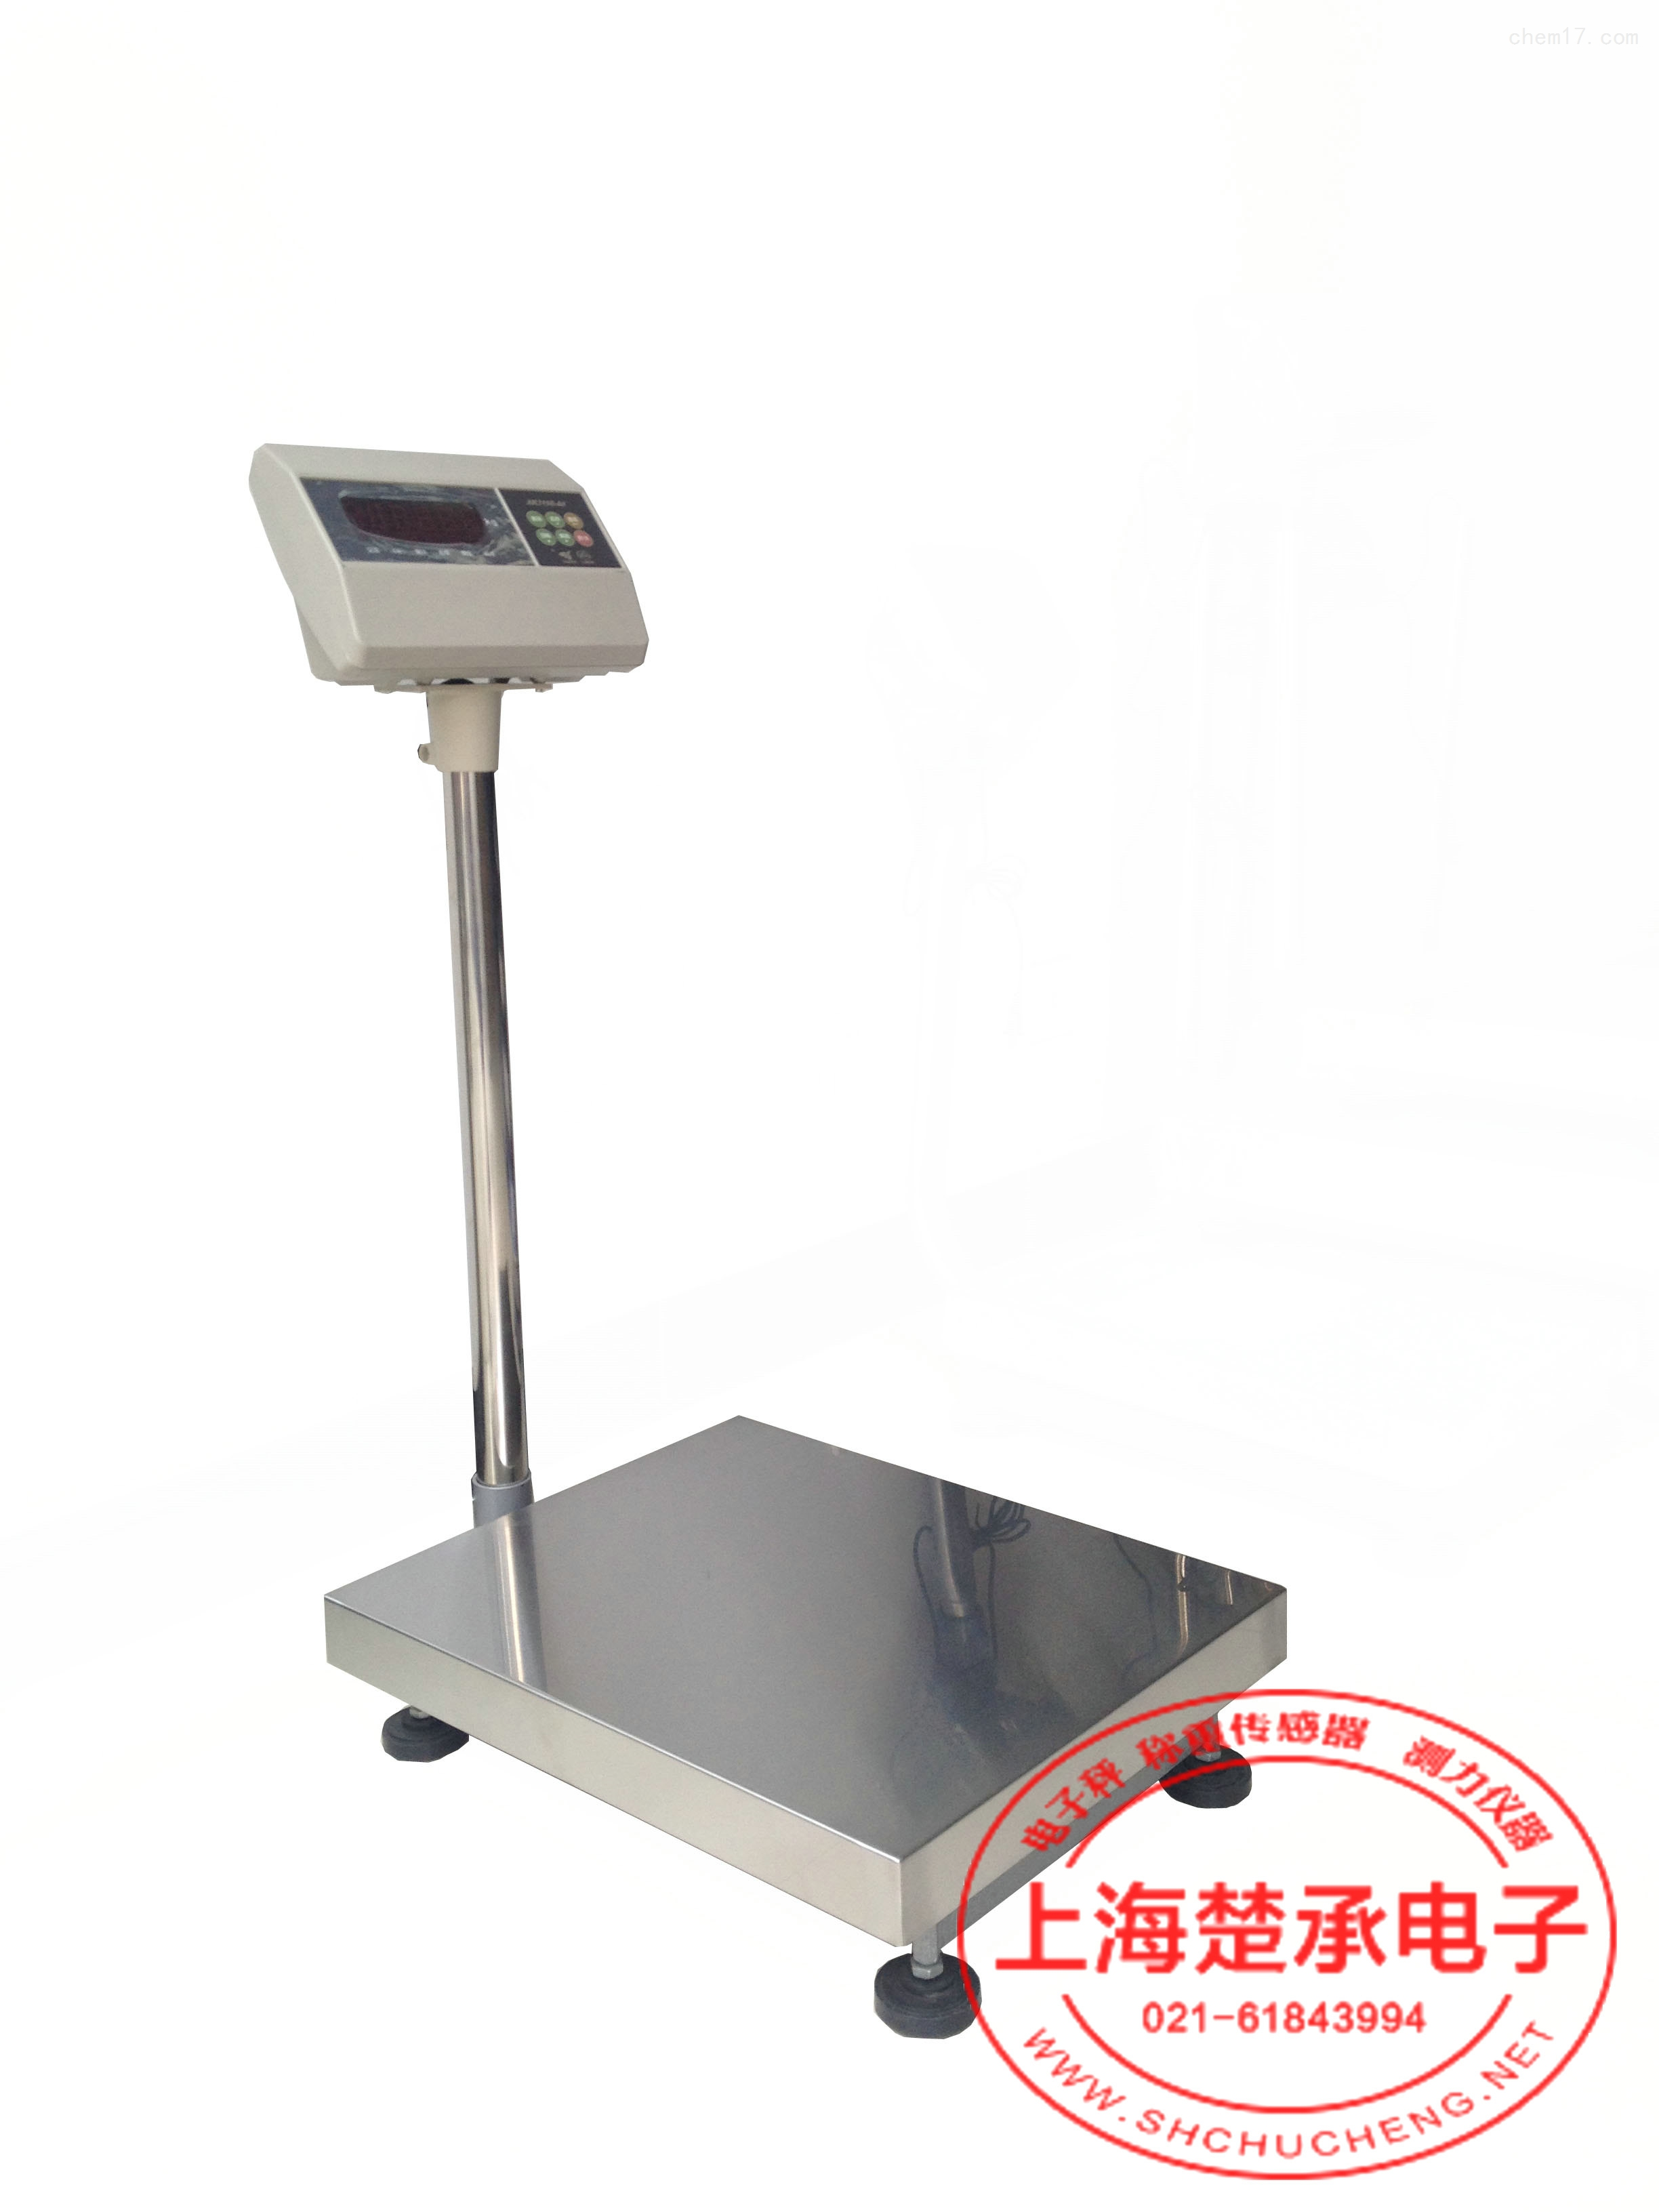 杭州tcs电子台秤电路图上海电子台秤厂家